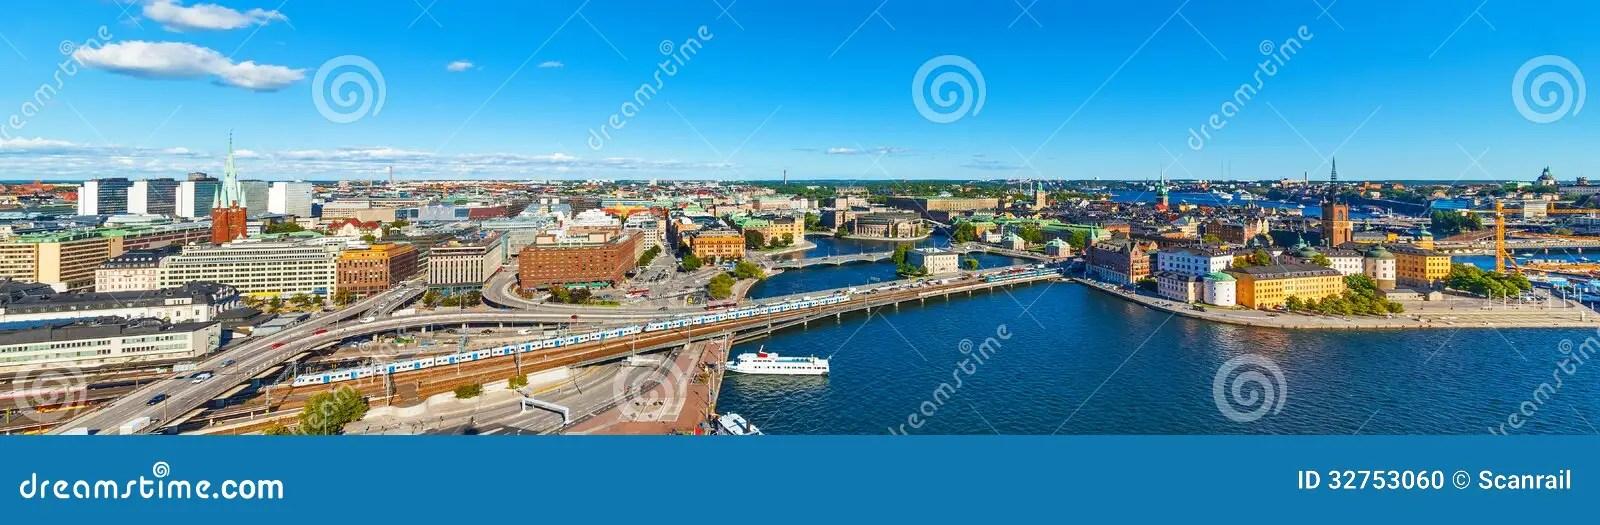 Panorama Aereo Di Stoccolma Svezia Fotografia Stock  Immagine di cityscape bello 32753060